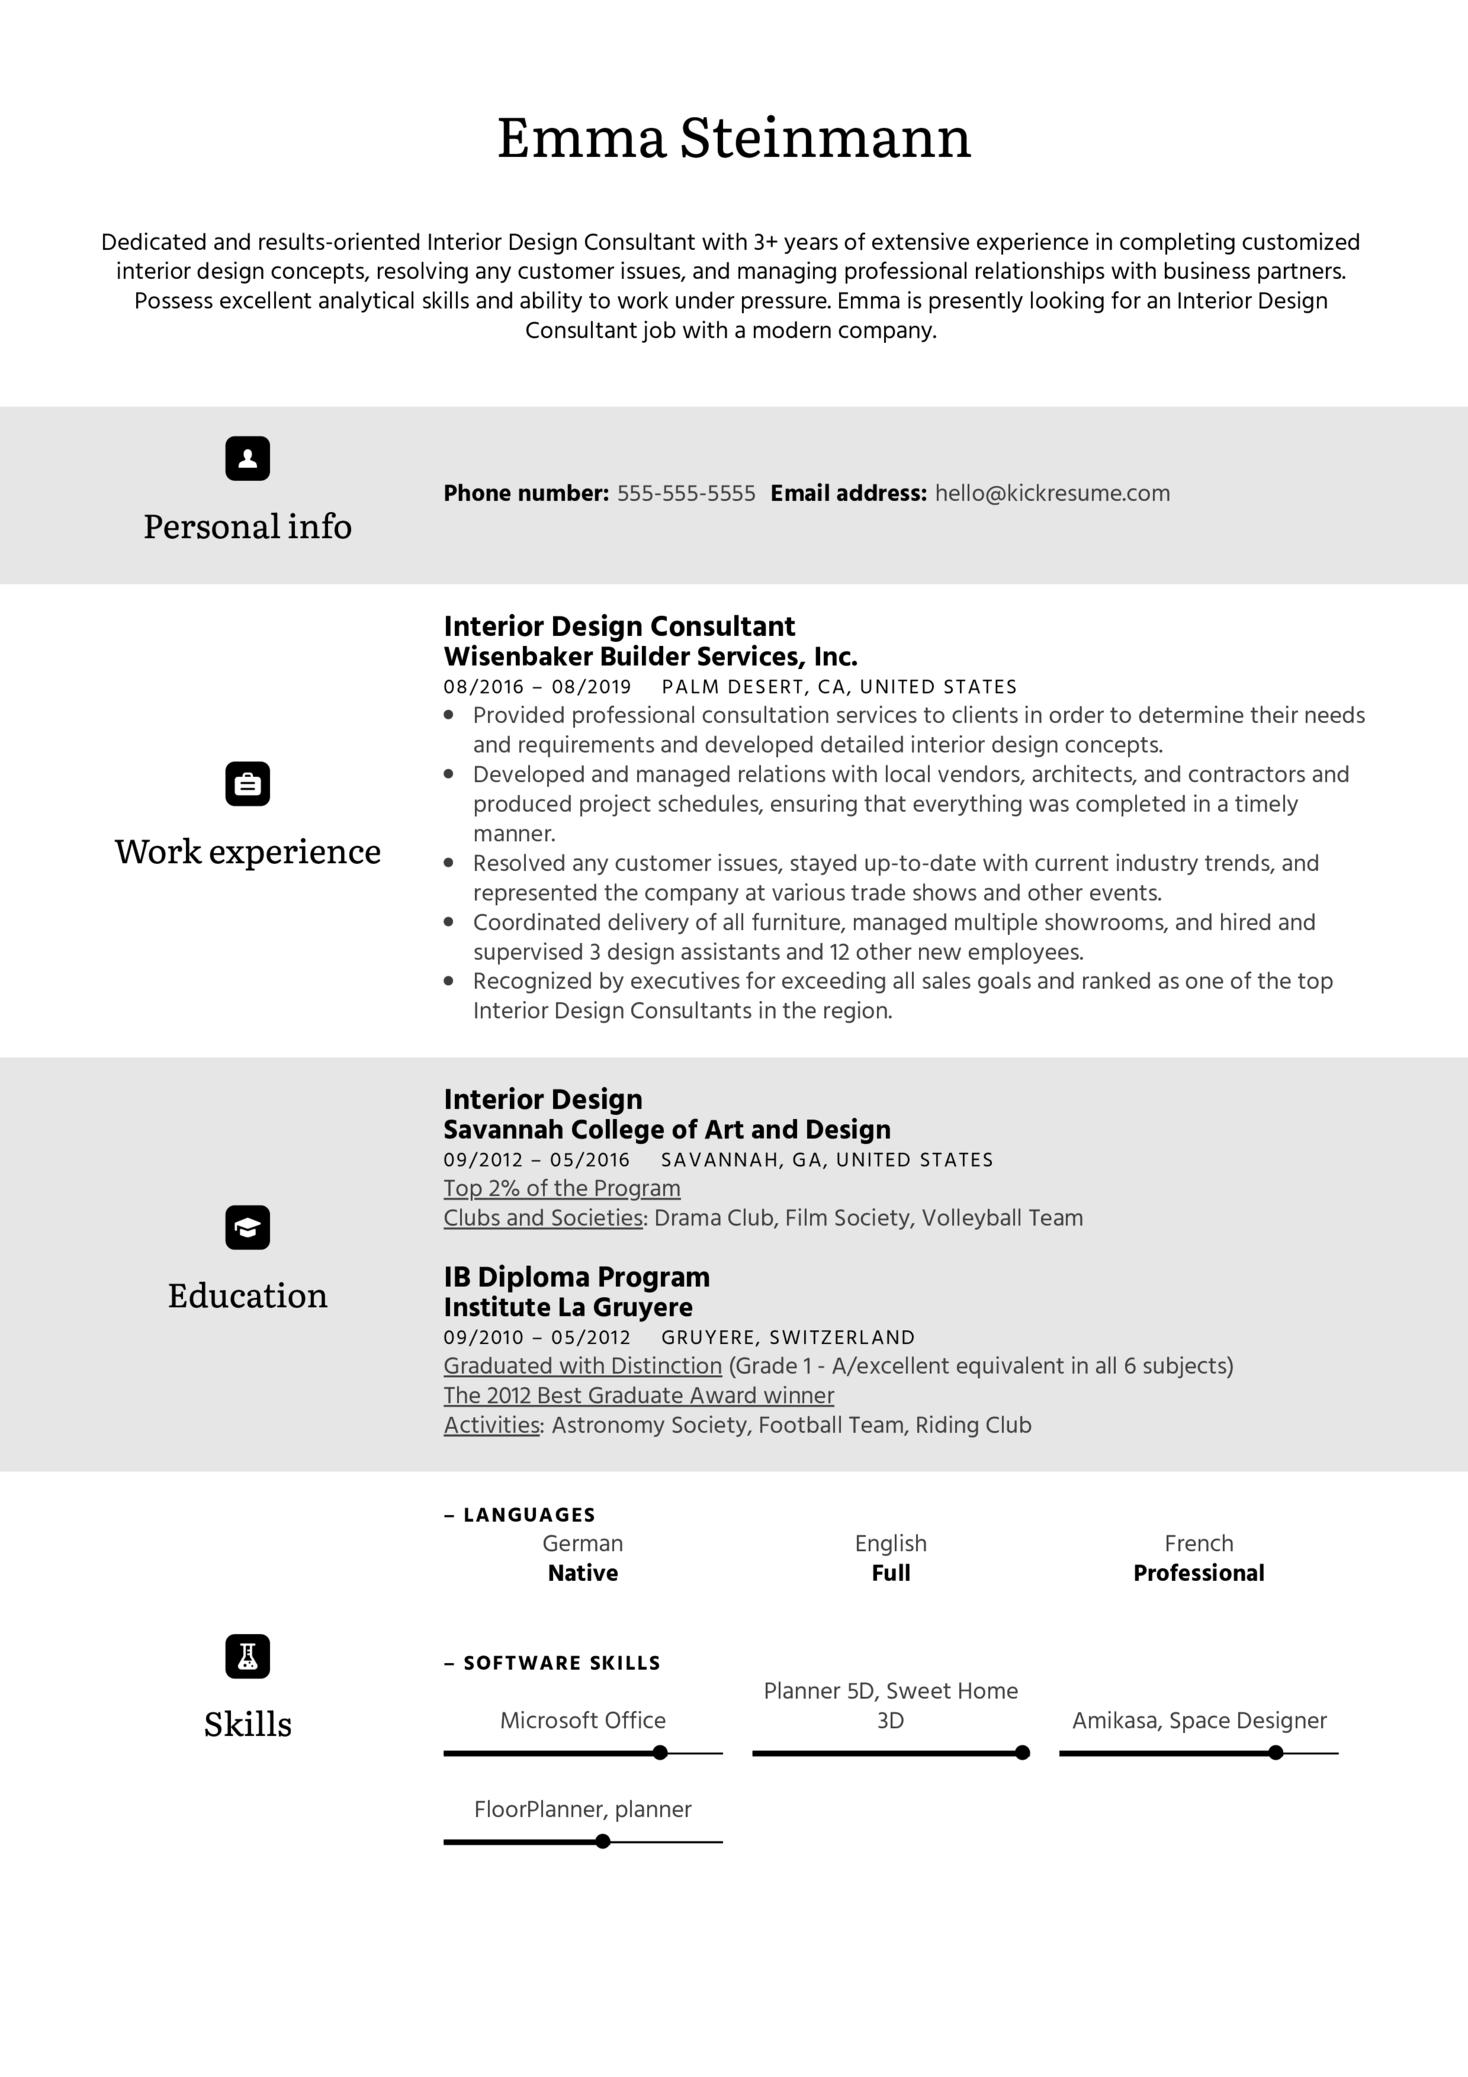 Interior Design Consultant Resume Sample (parte 1)